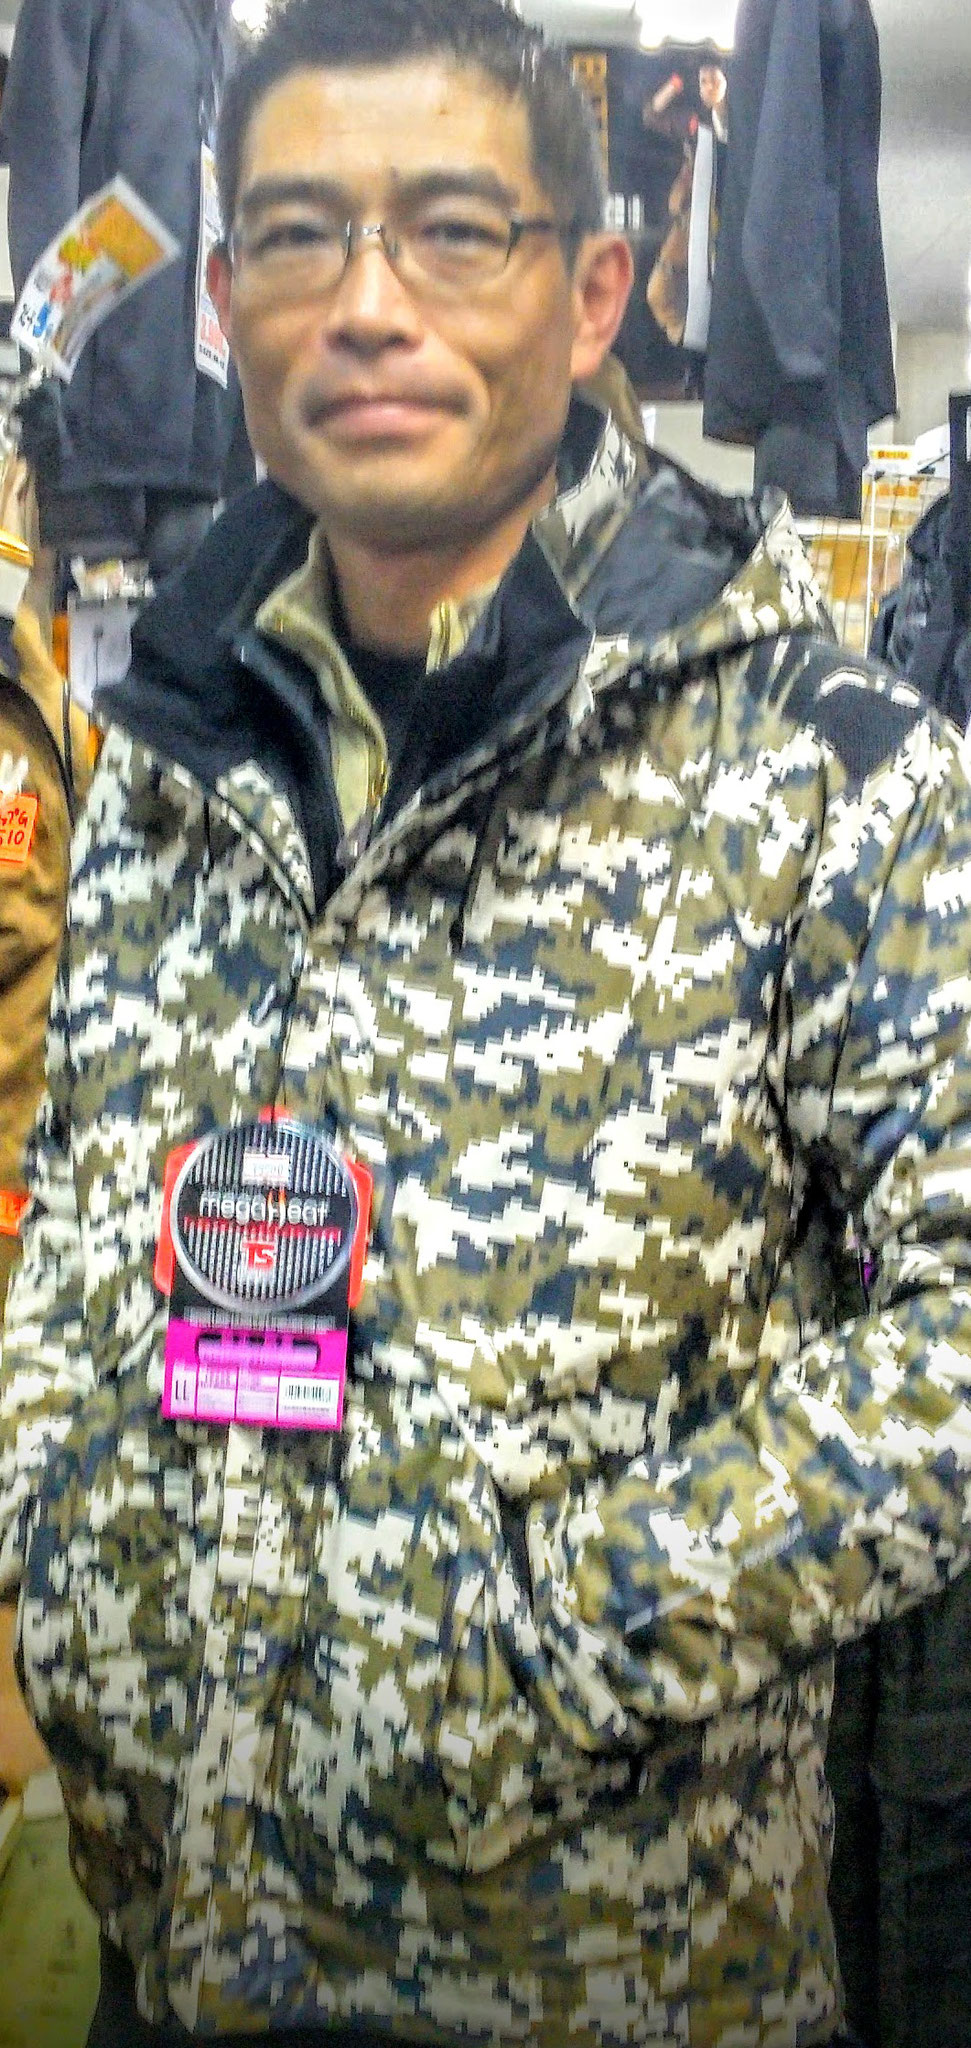 TS DESIGN(TSデザイン)18226 メガヒート防水防寒ジャケット 限定色のカモフラ